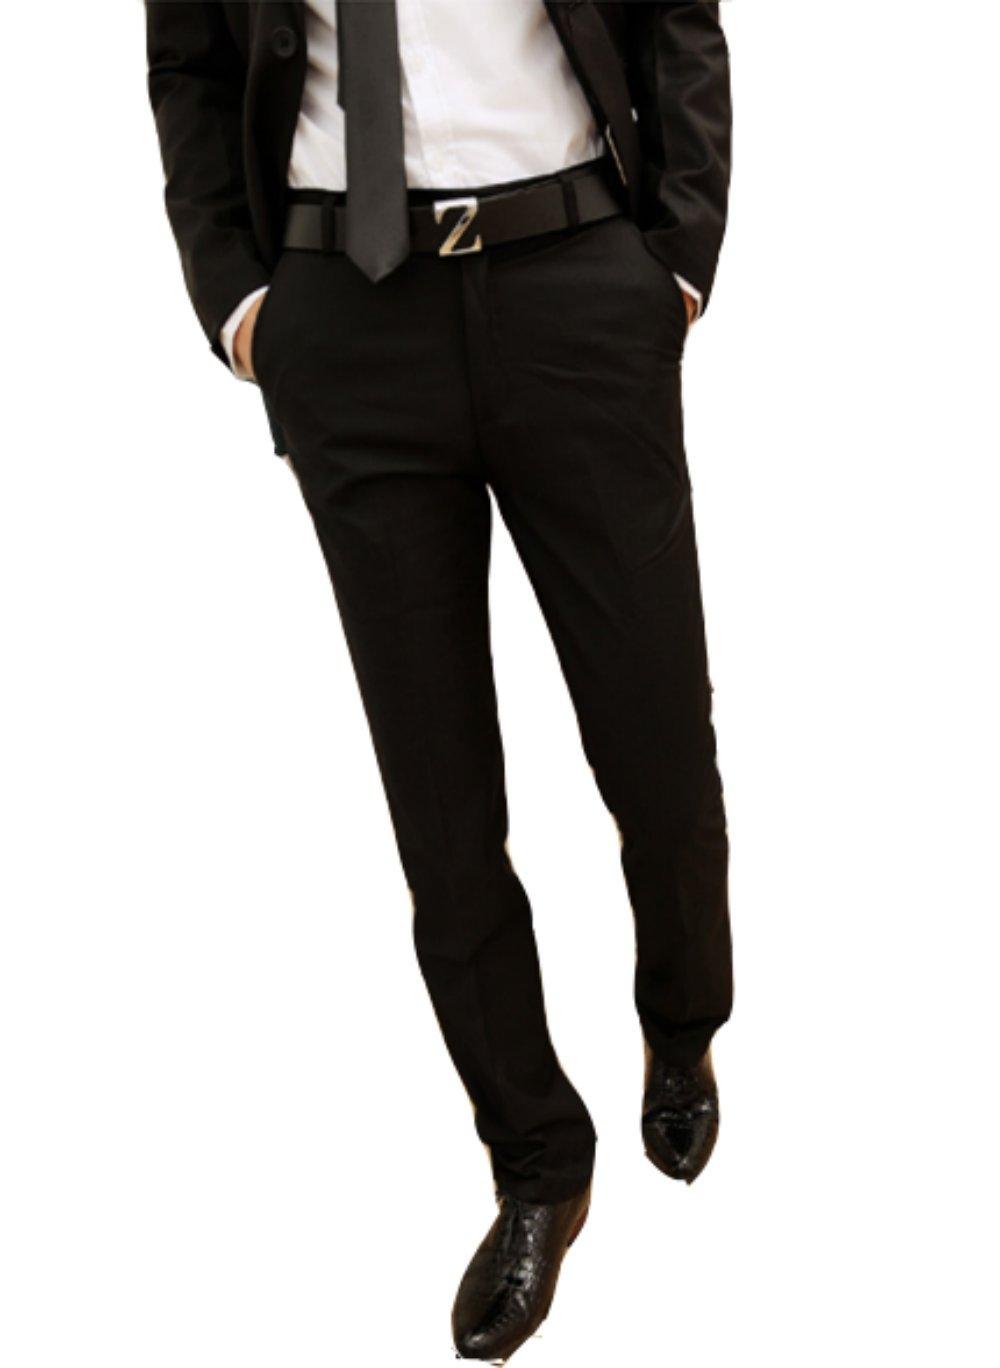 homme 新款男士西裤 韩版修身商务休闲直筒西裤 商务男士必备款 高